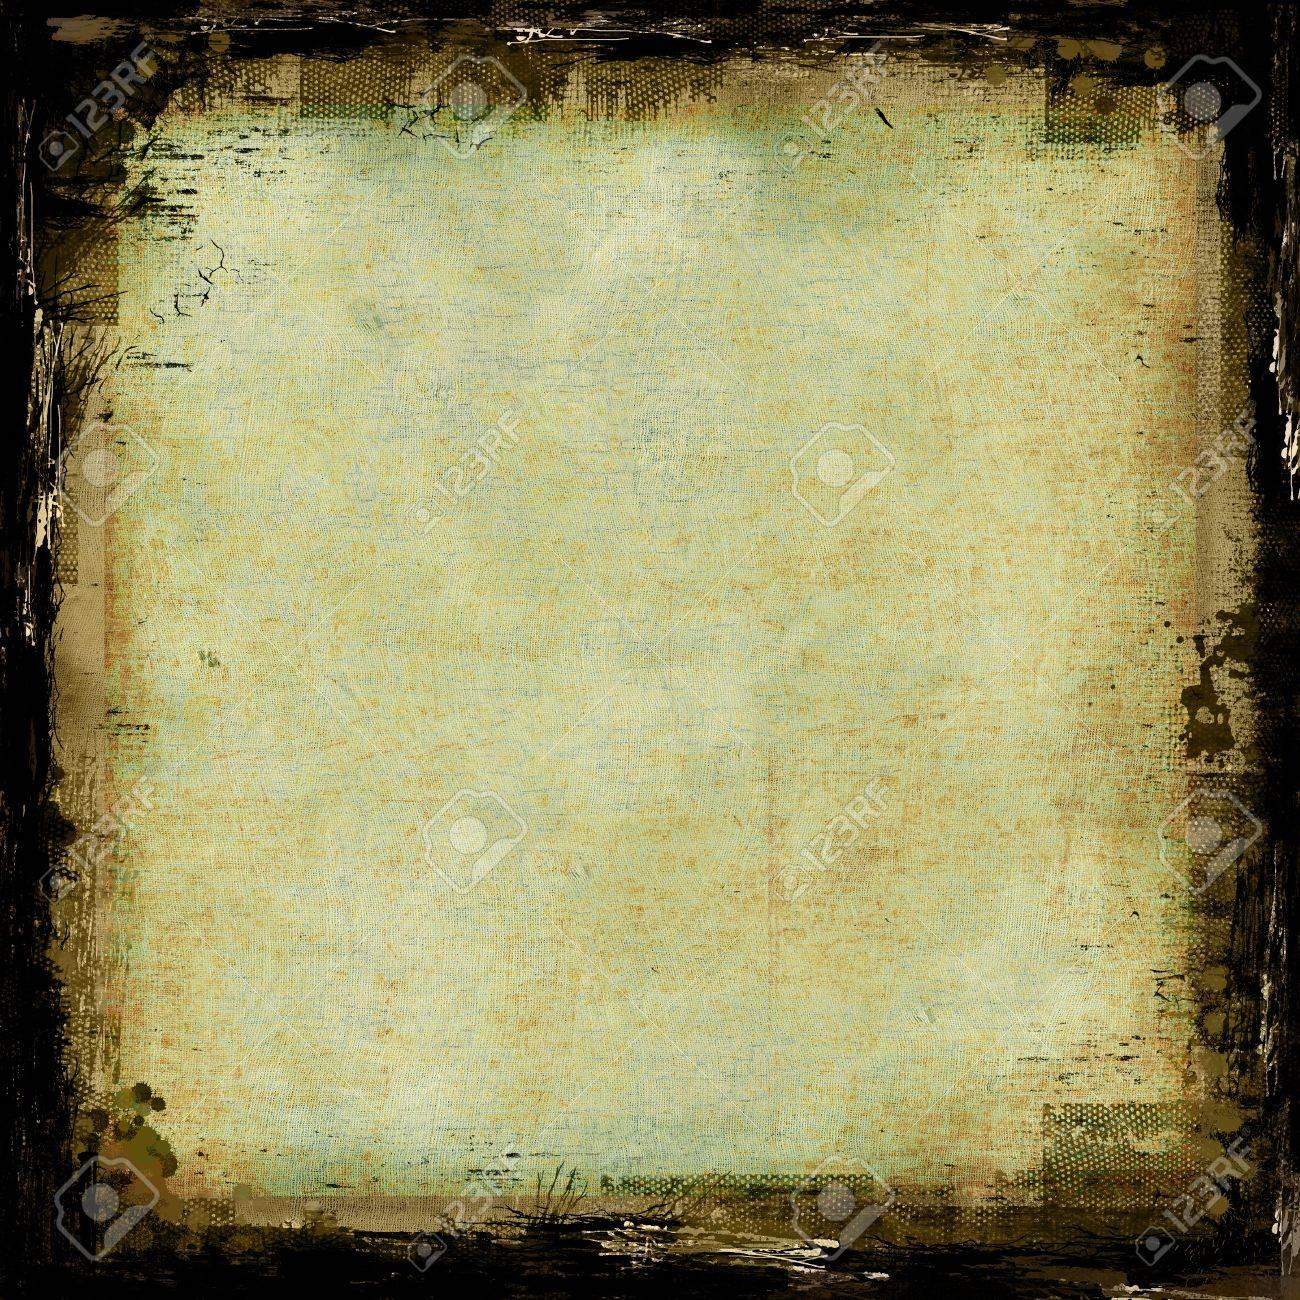 Grunge texture astratto o sfondo con bordi Archivio Fotografico - 16358505